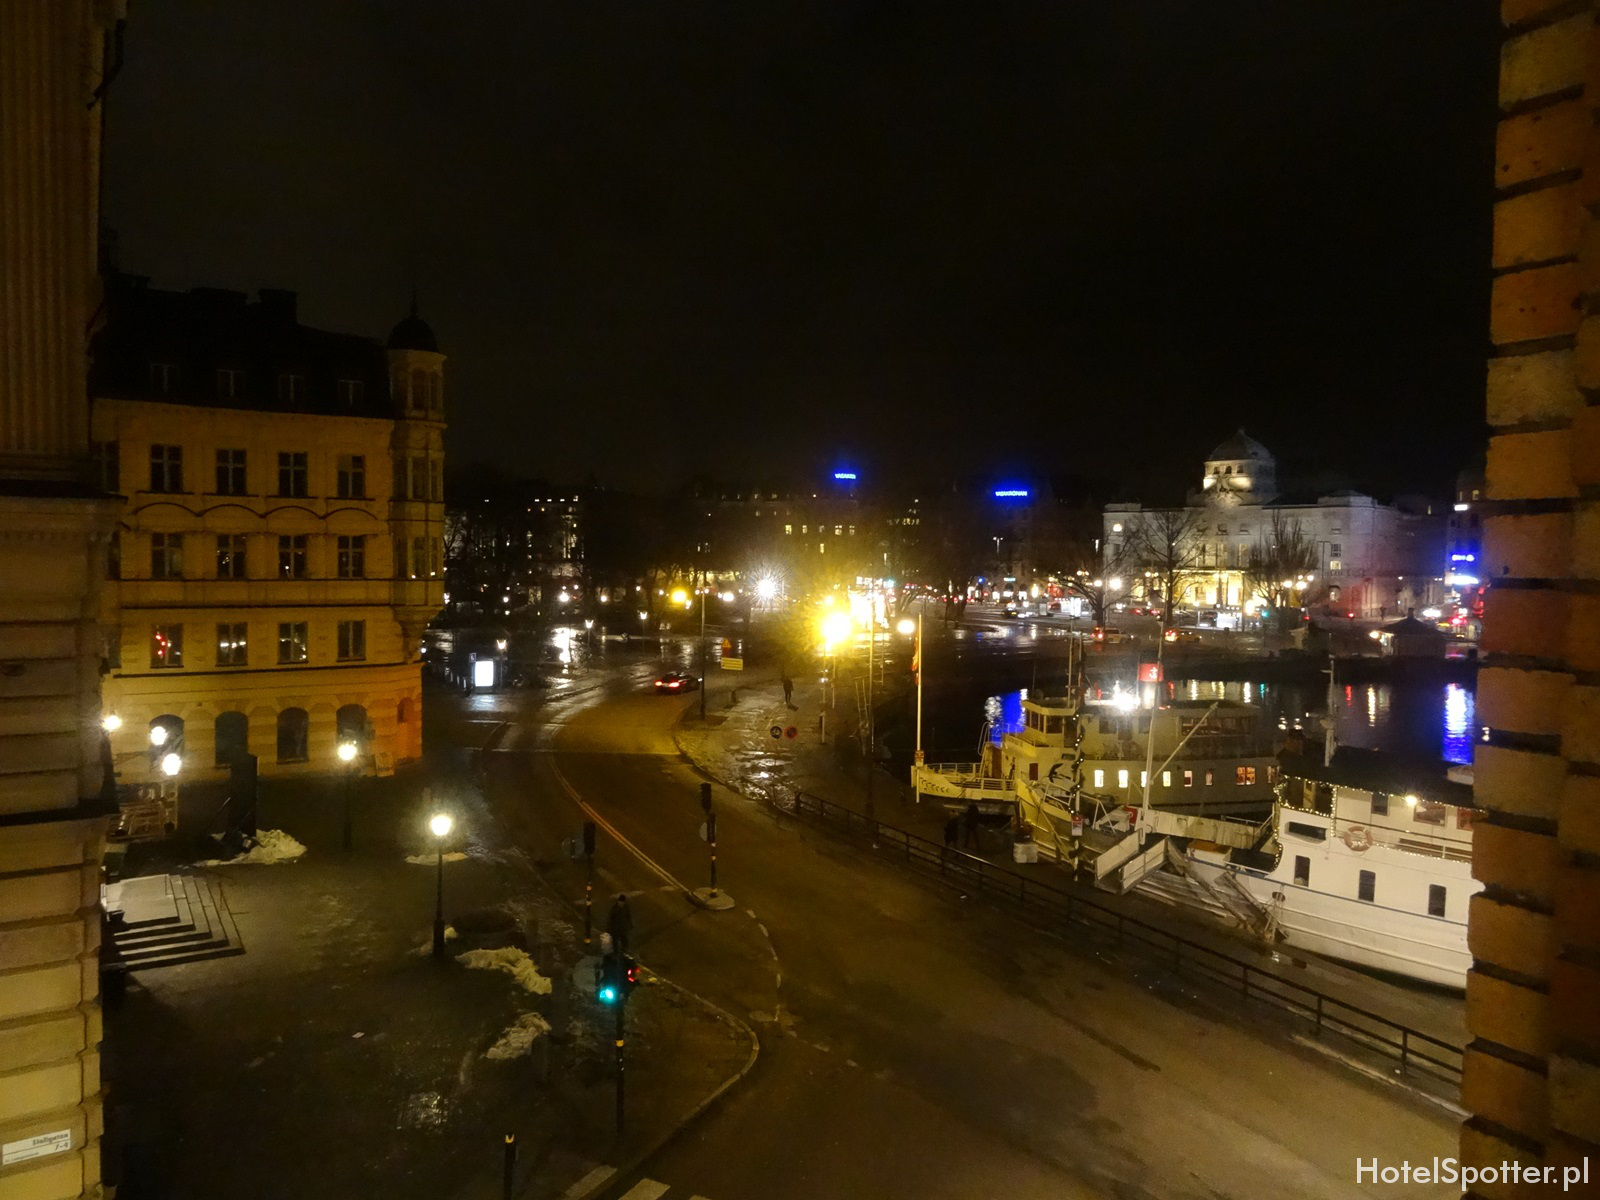 Radisson Blu Strand Hotel, Stockholm - widok z okna